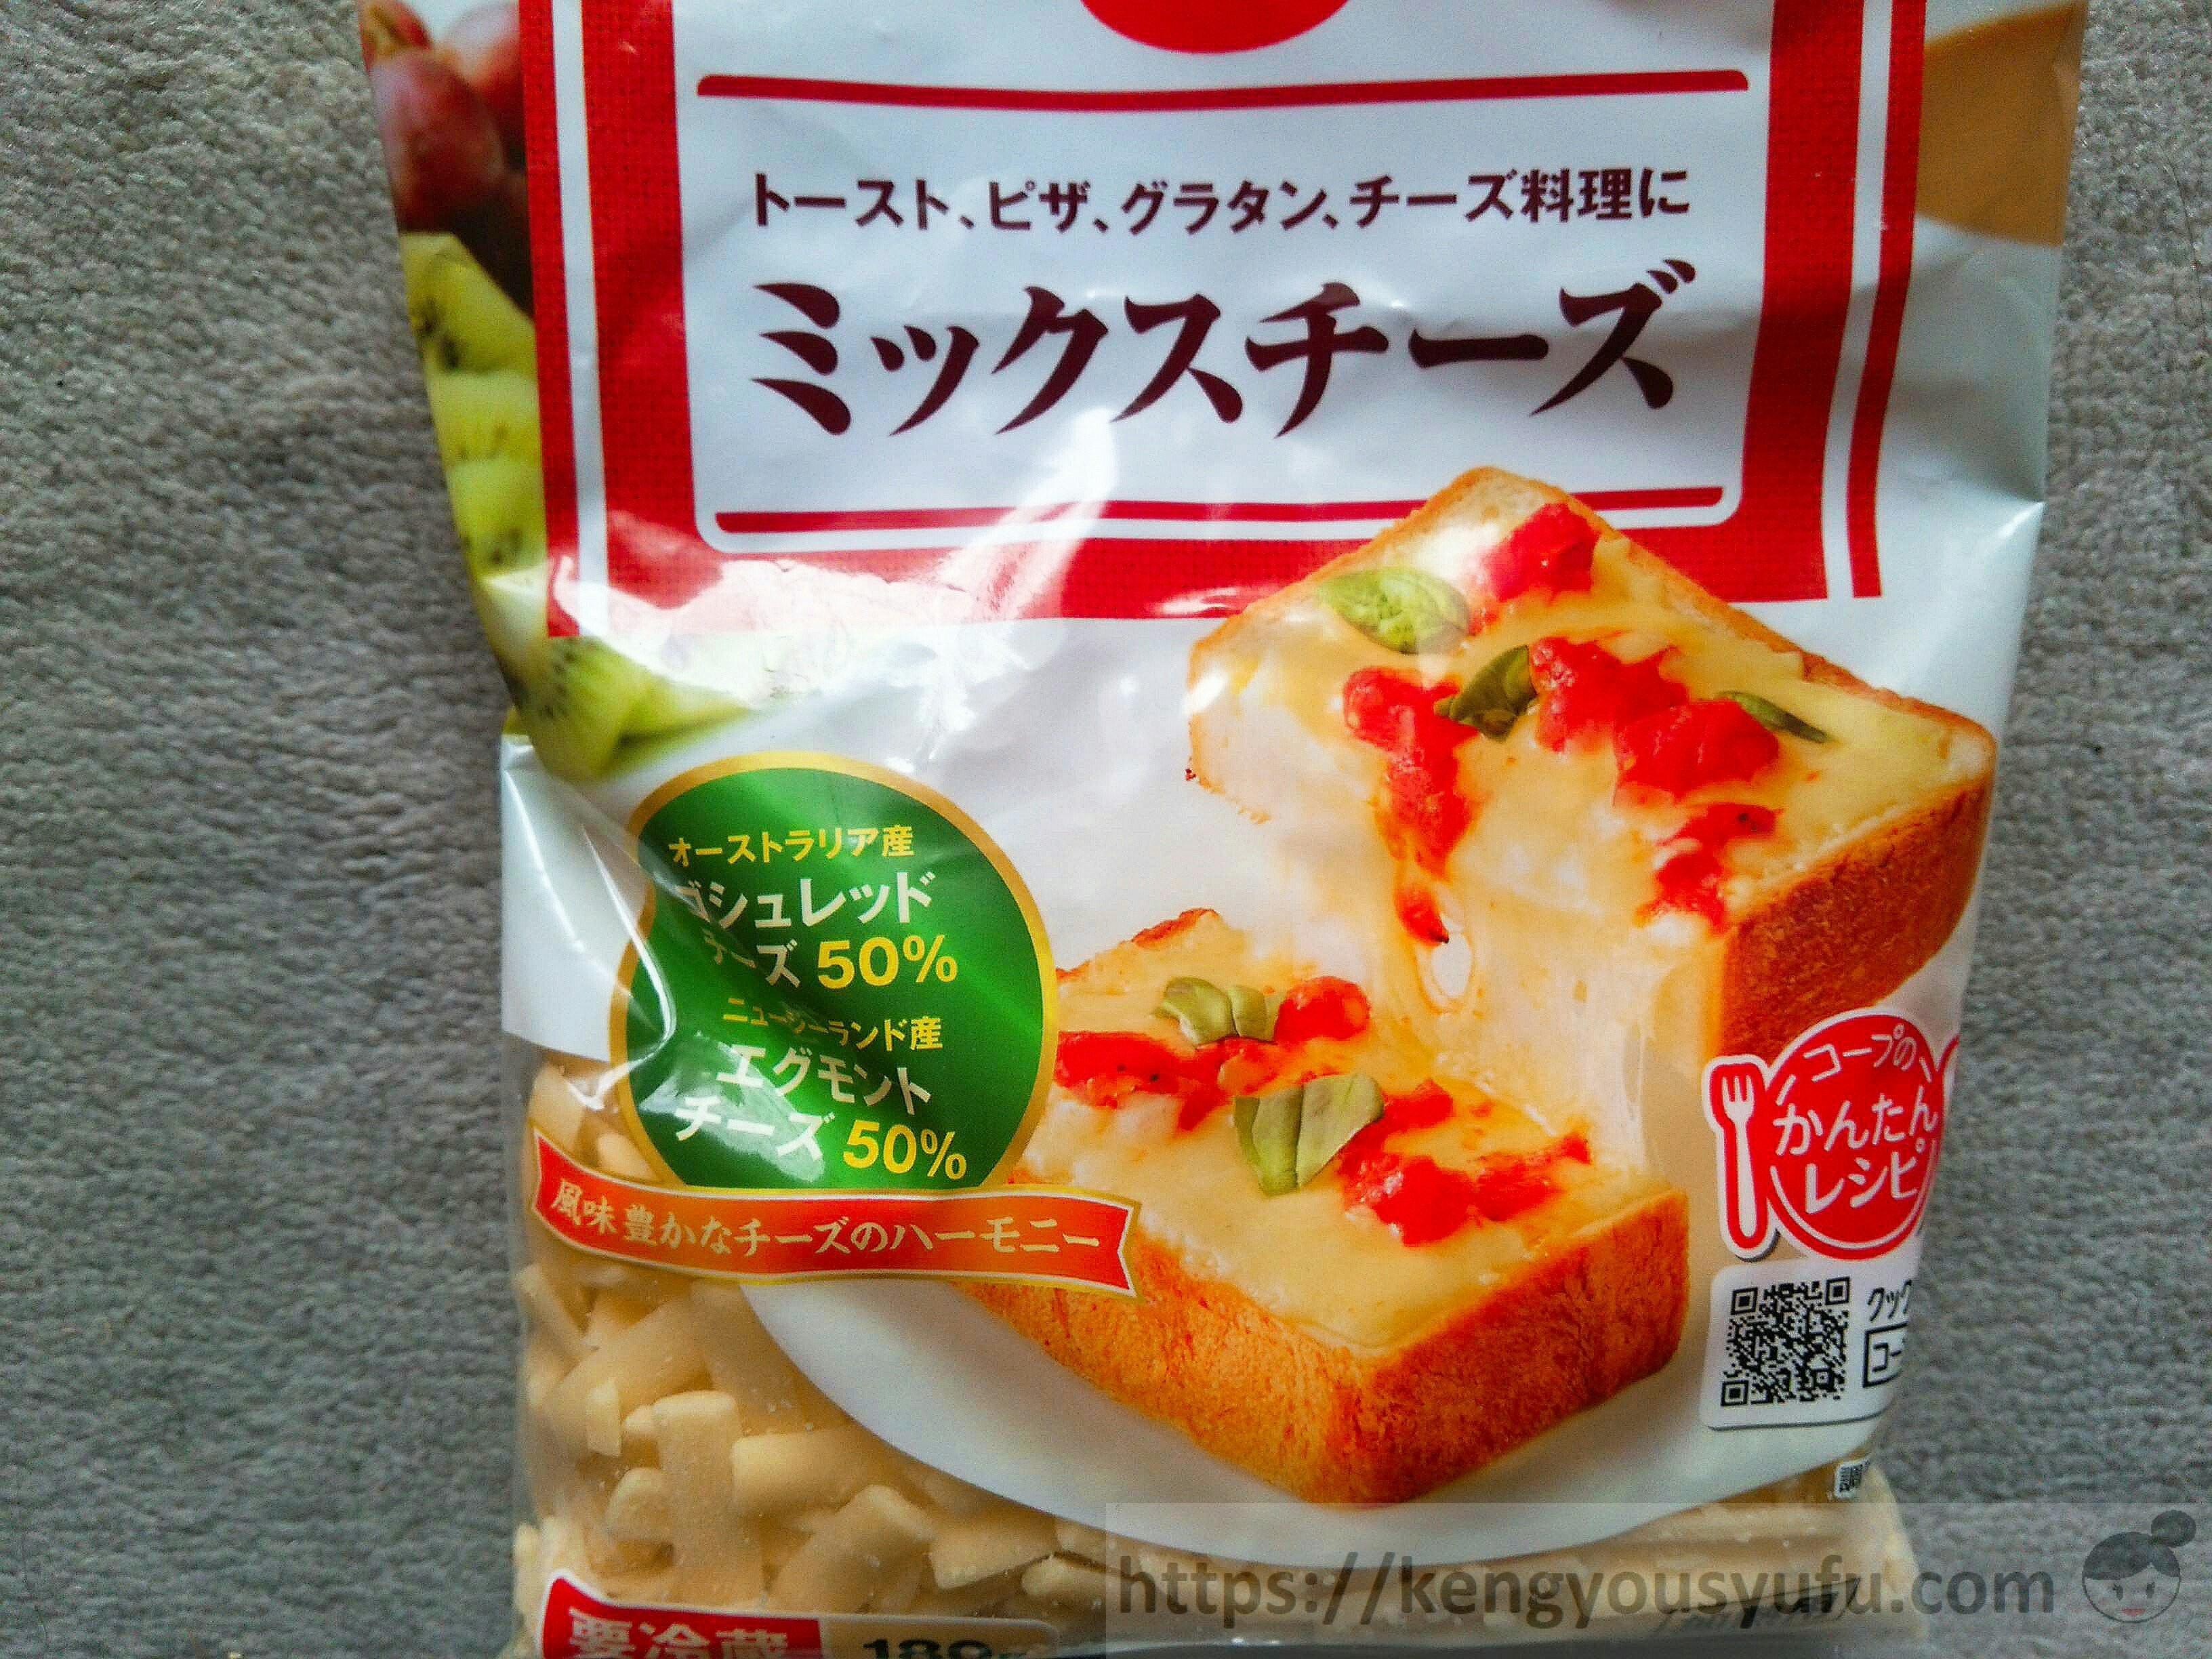 食材宅配コープデリのミックスチーズ 使い勝手が良くてどんな料理もおいしくなる!